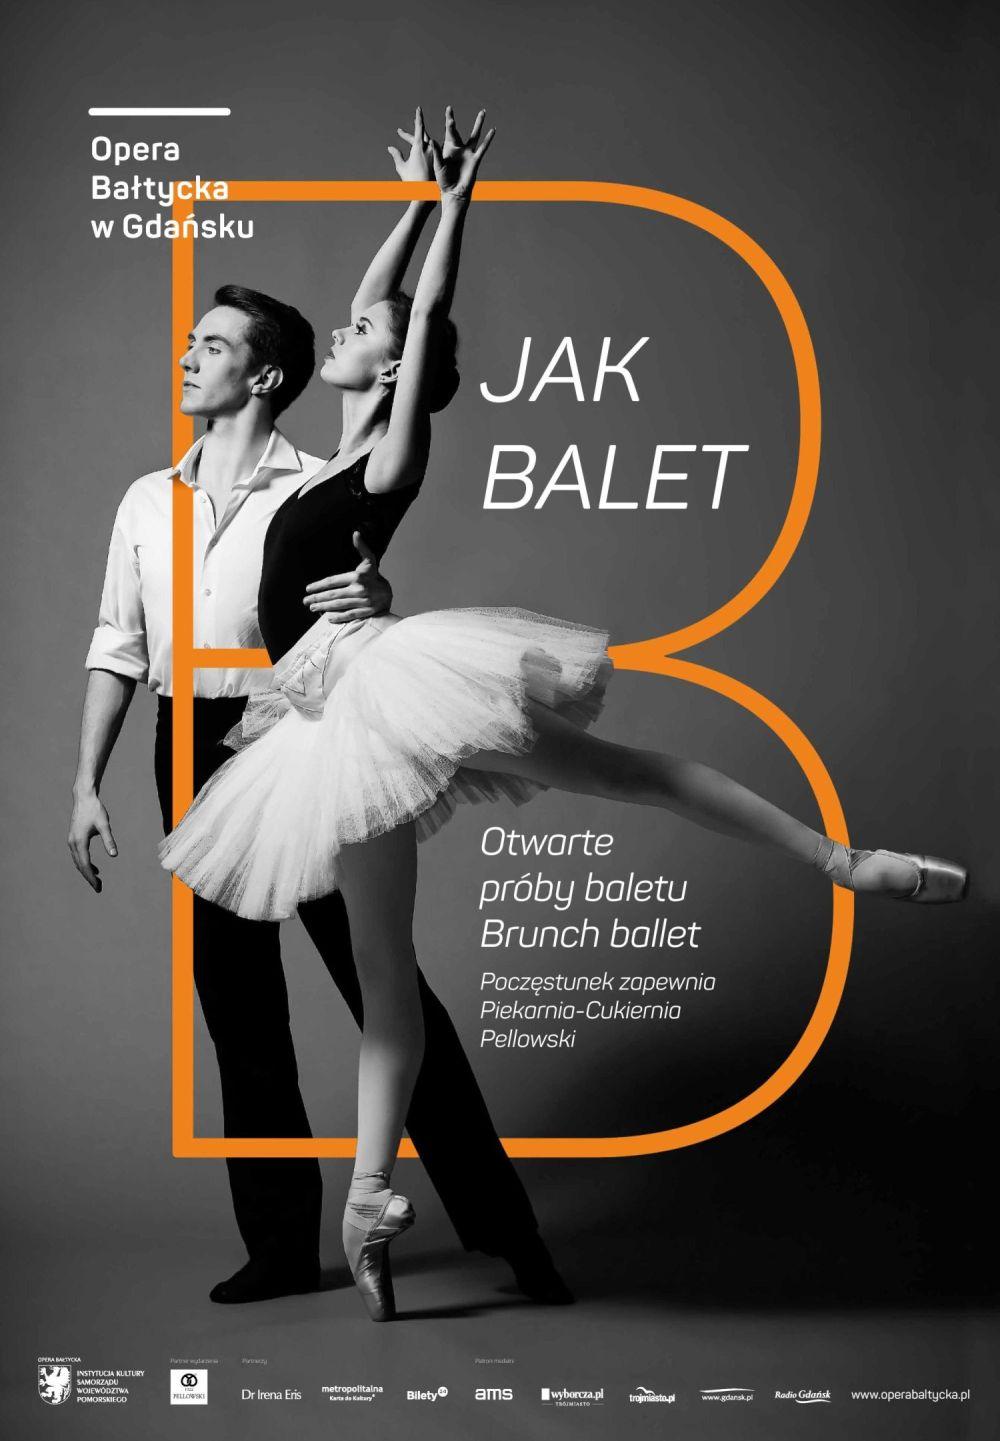 B jak balet. Otwarta próba baletu.